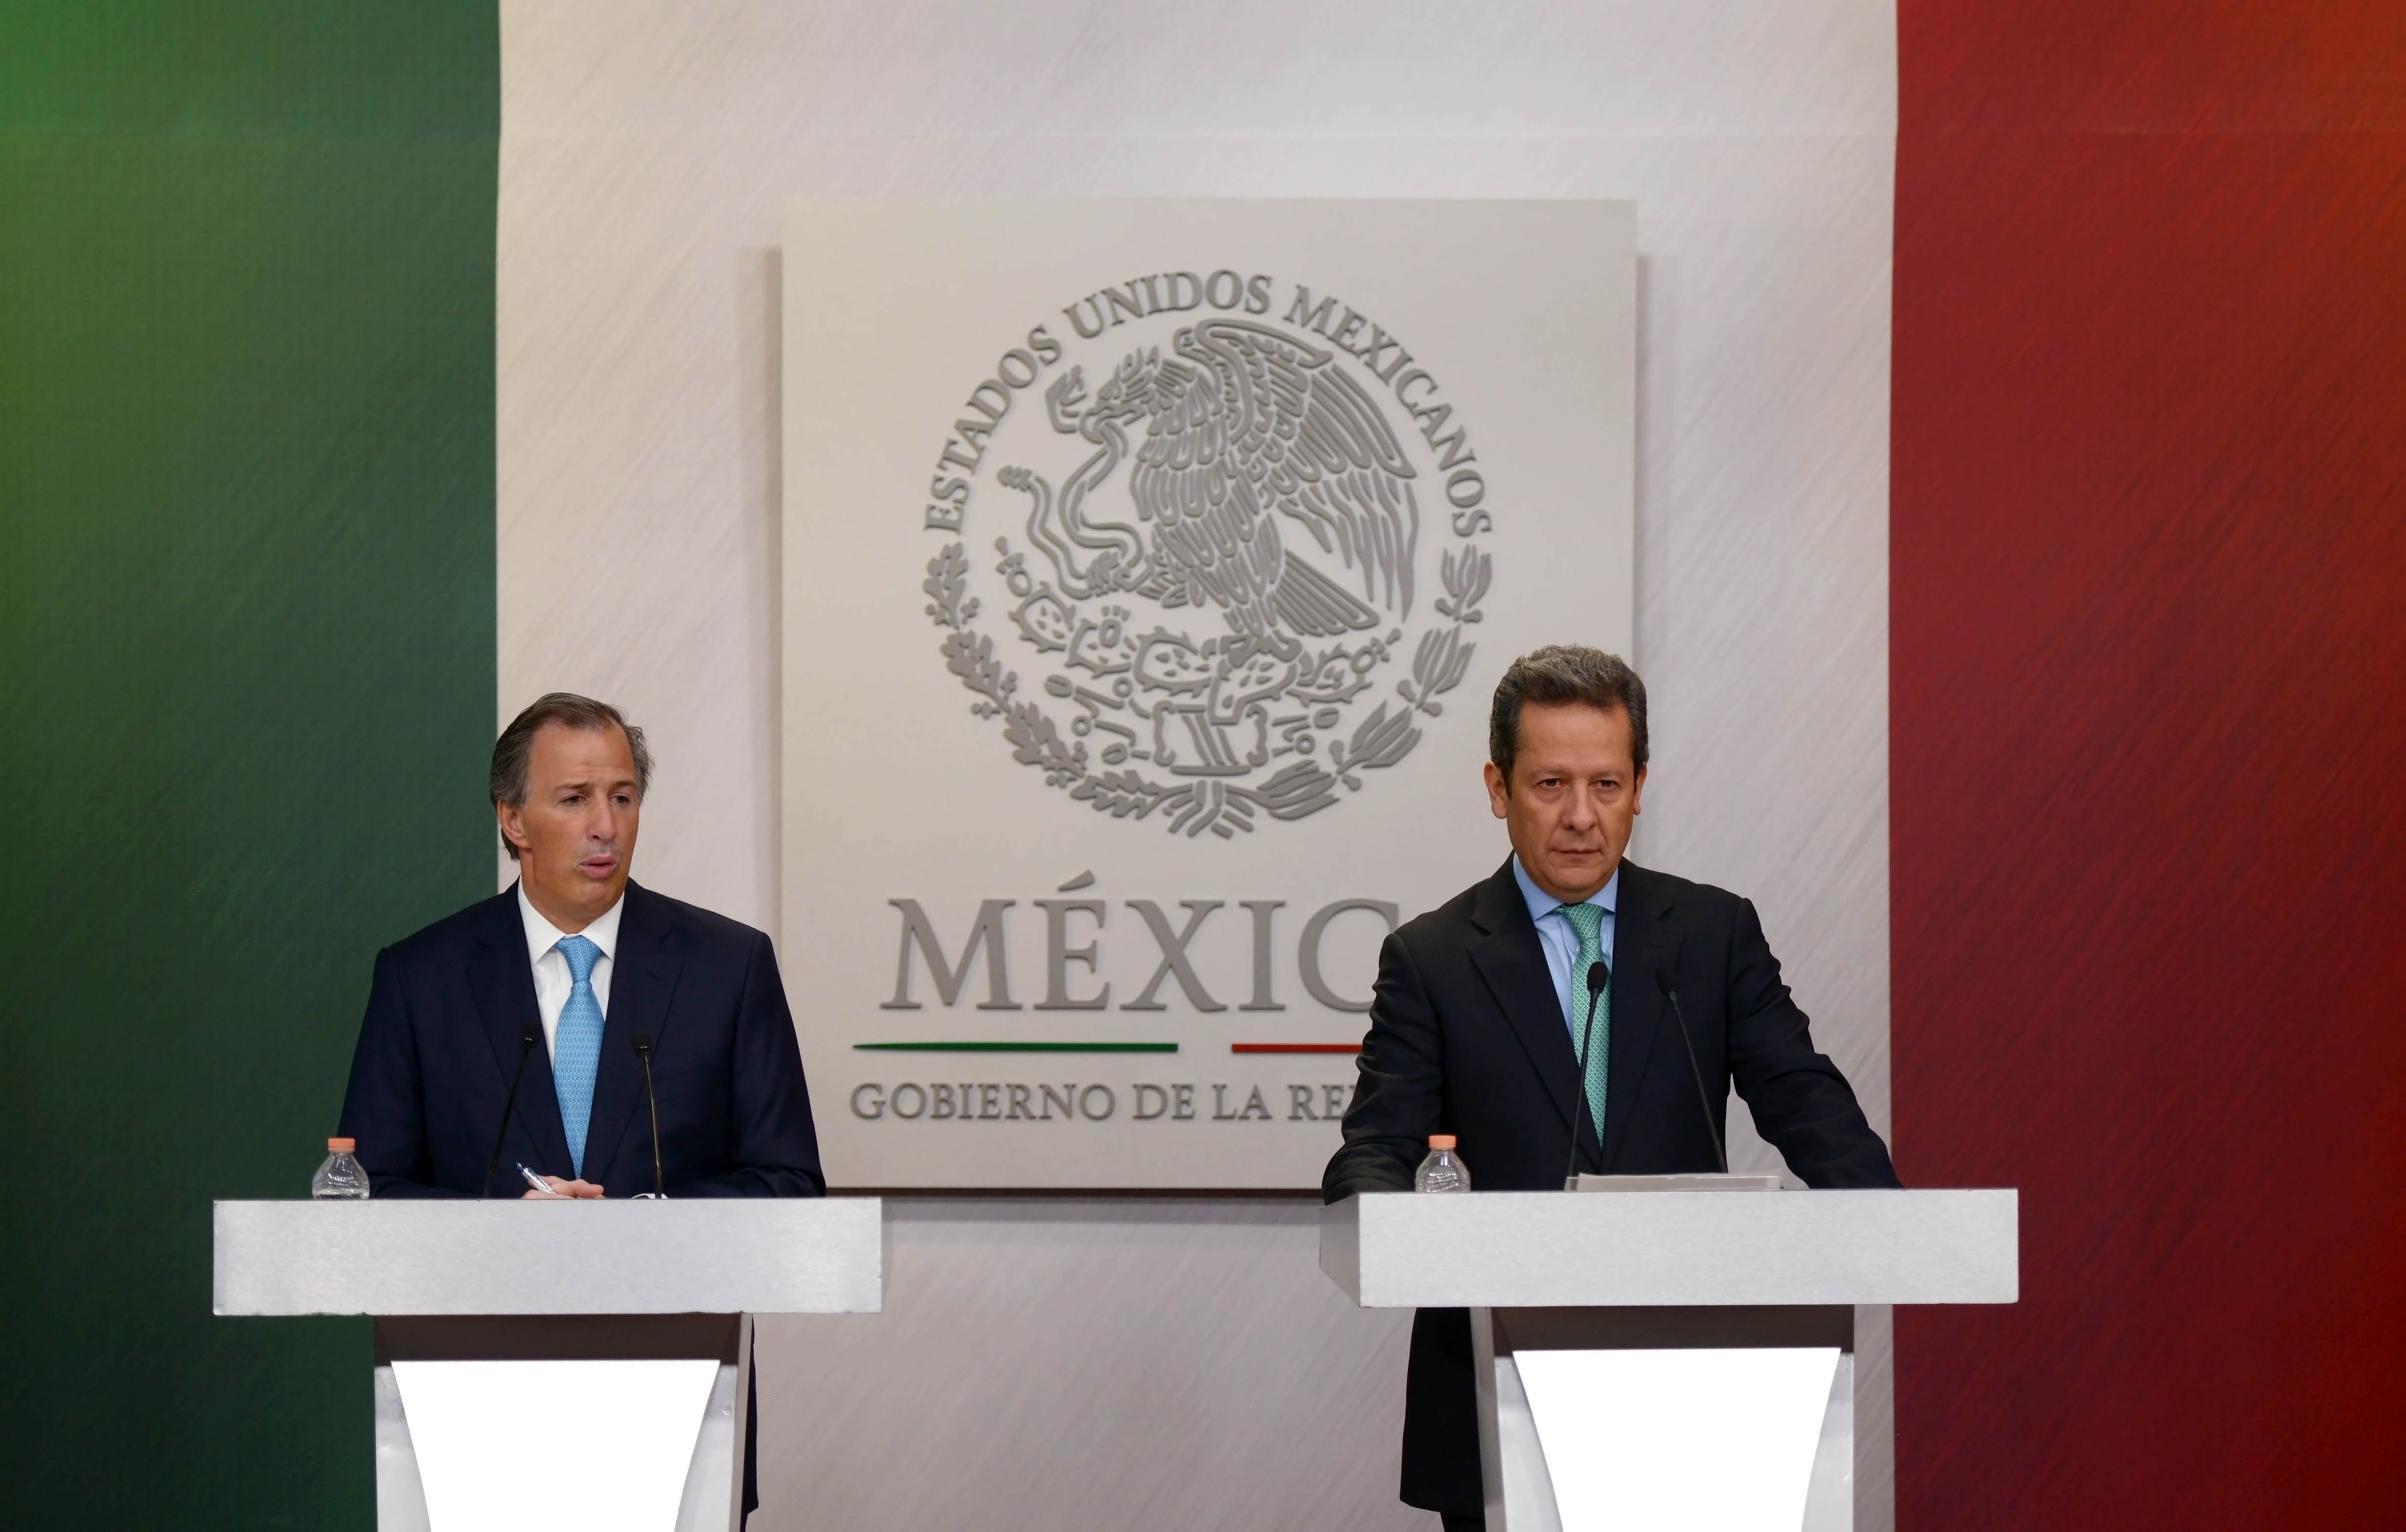 José Antonio Meade Kuribreña (Sedesol) y Eduardo Sánchez (Vocero del Gobierno de la República), detallaron las acciones y objetivos que conforman la Estrategia Nacional de Inclusión que lleva a cabo el Gobierno de la República.